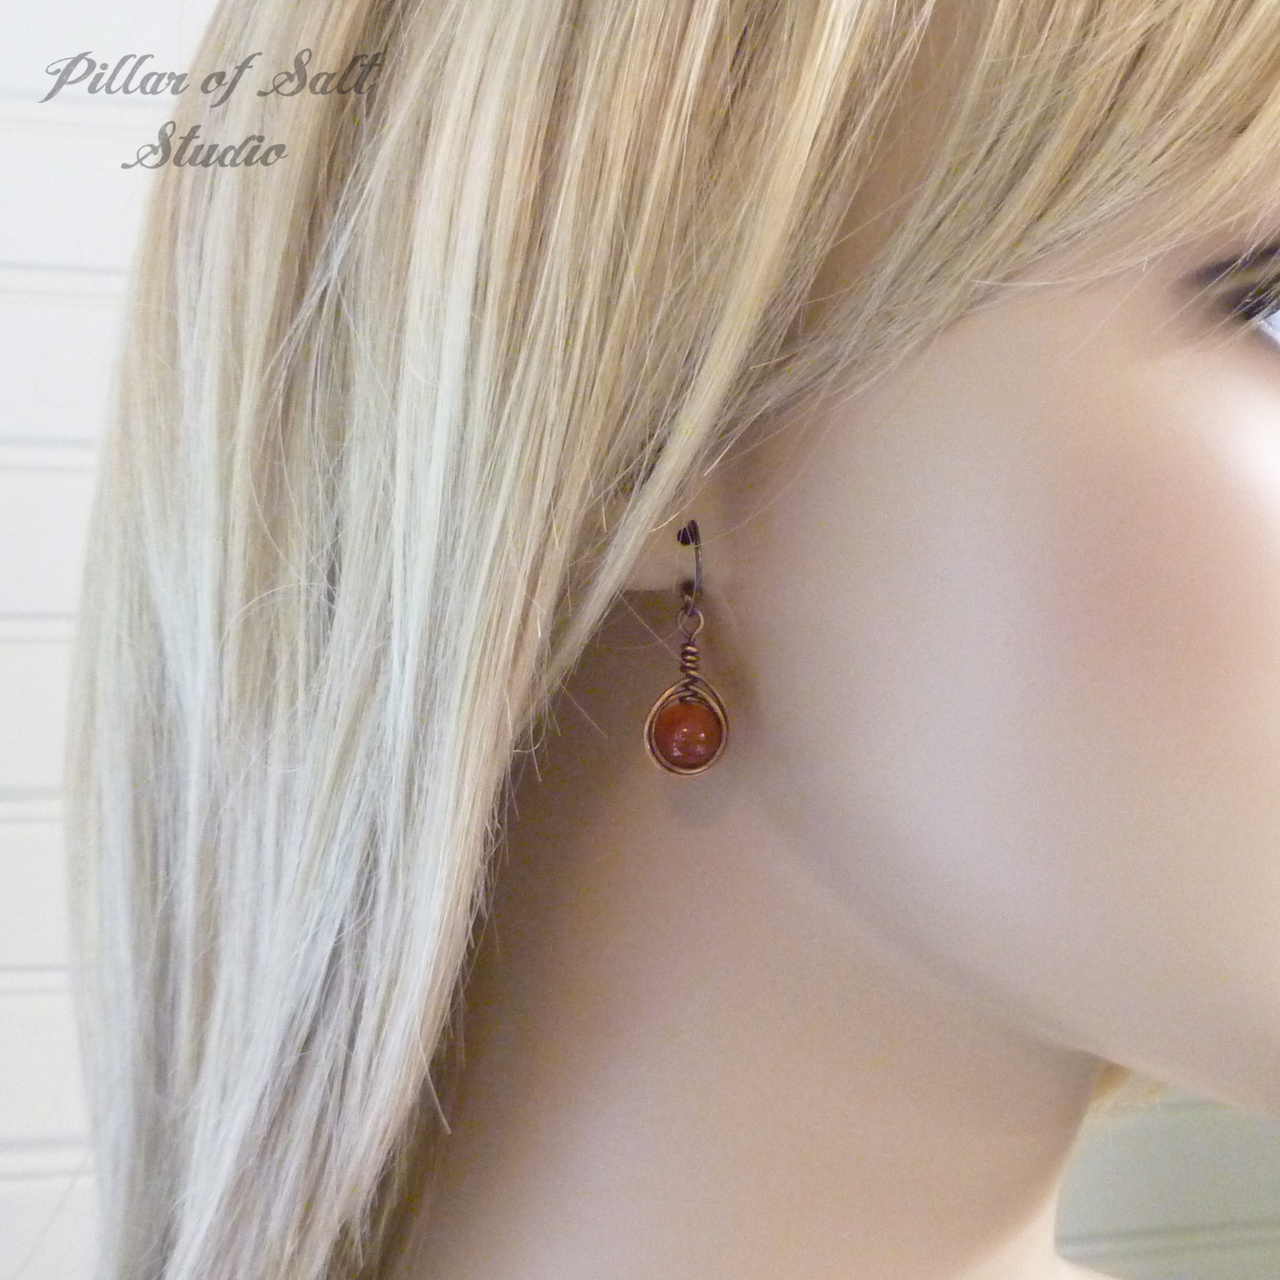 Copper Wire wrapped earrings with Red Carnelian stones / herringbone teardrop wrap